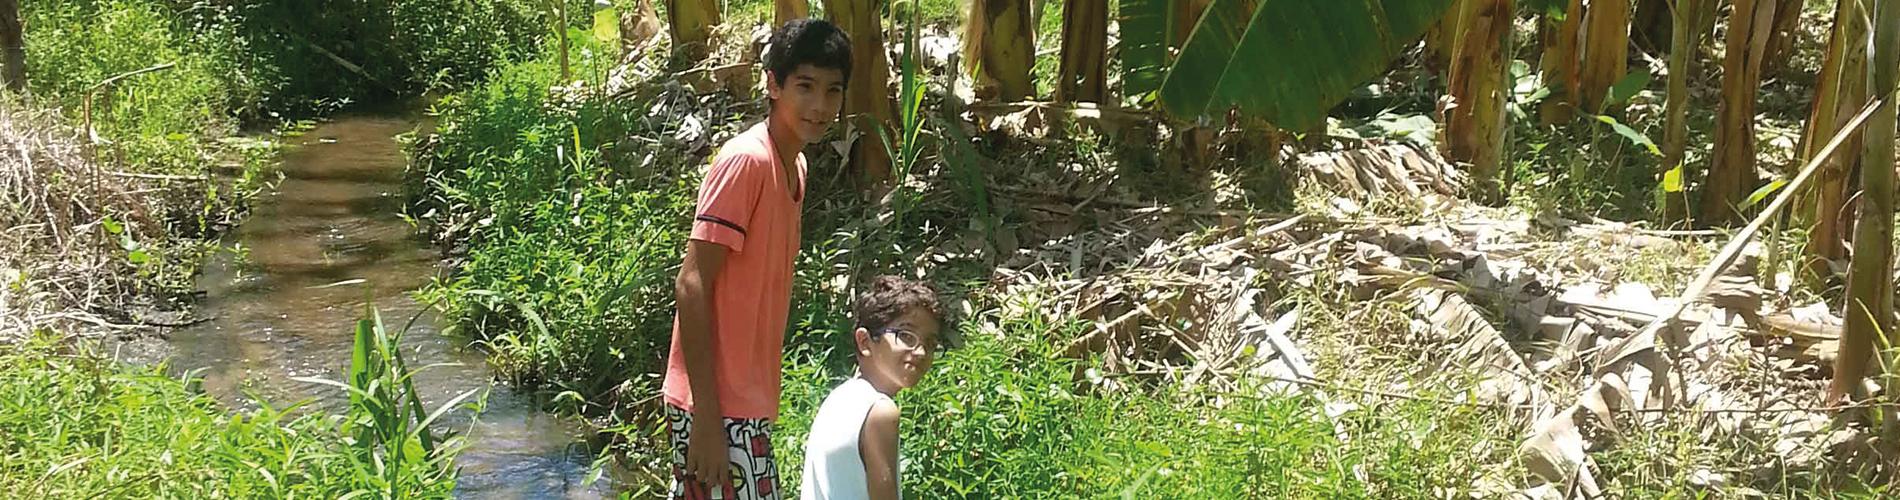 Glückliche Straßenkinder bei Nós na Vida